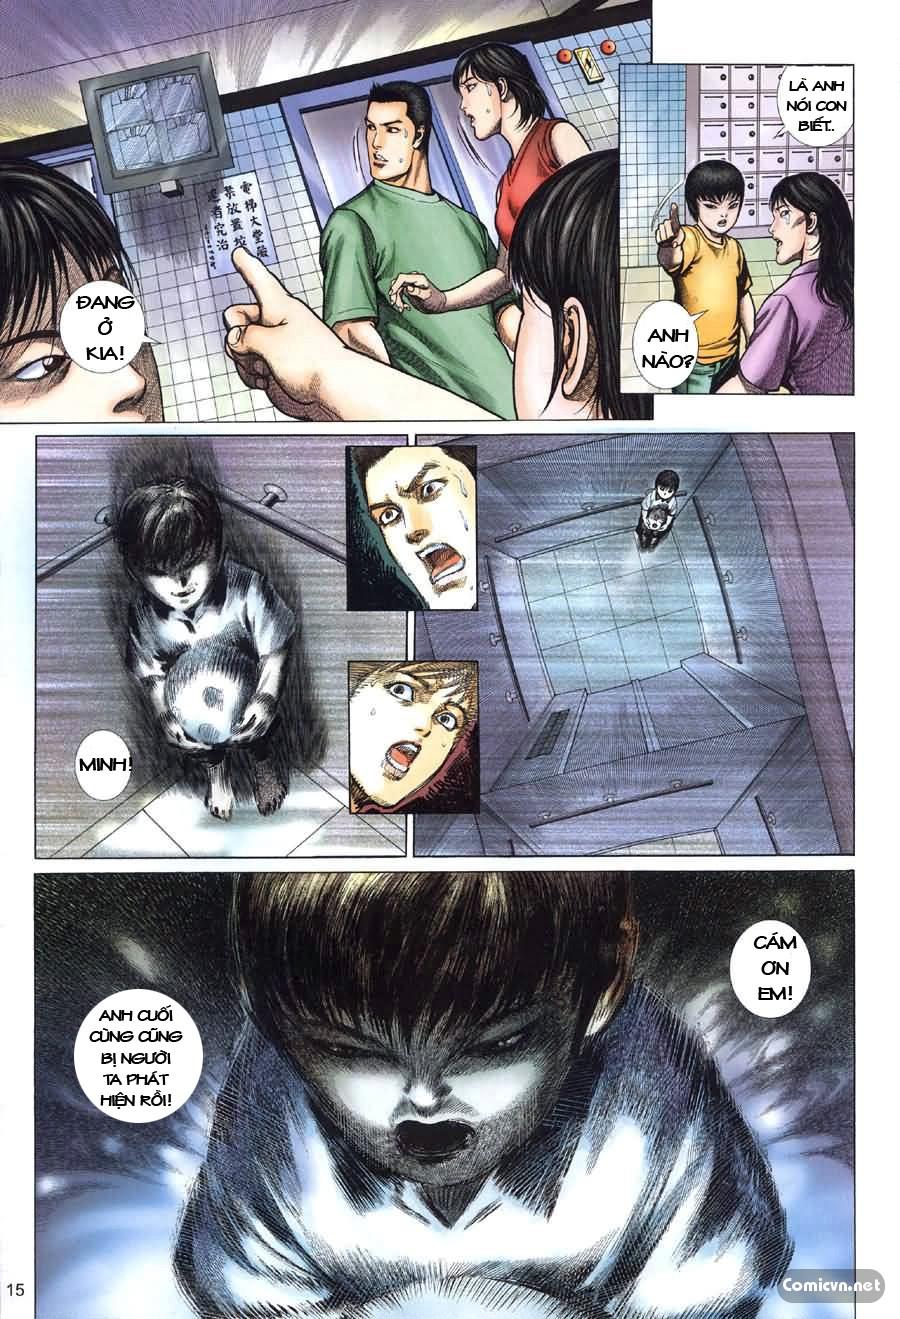 Quỷ Mộ chap 002 trang 15